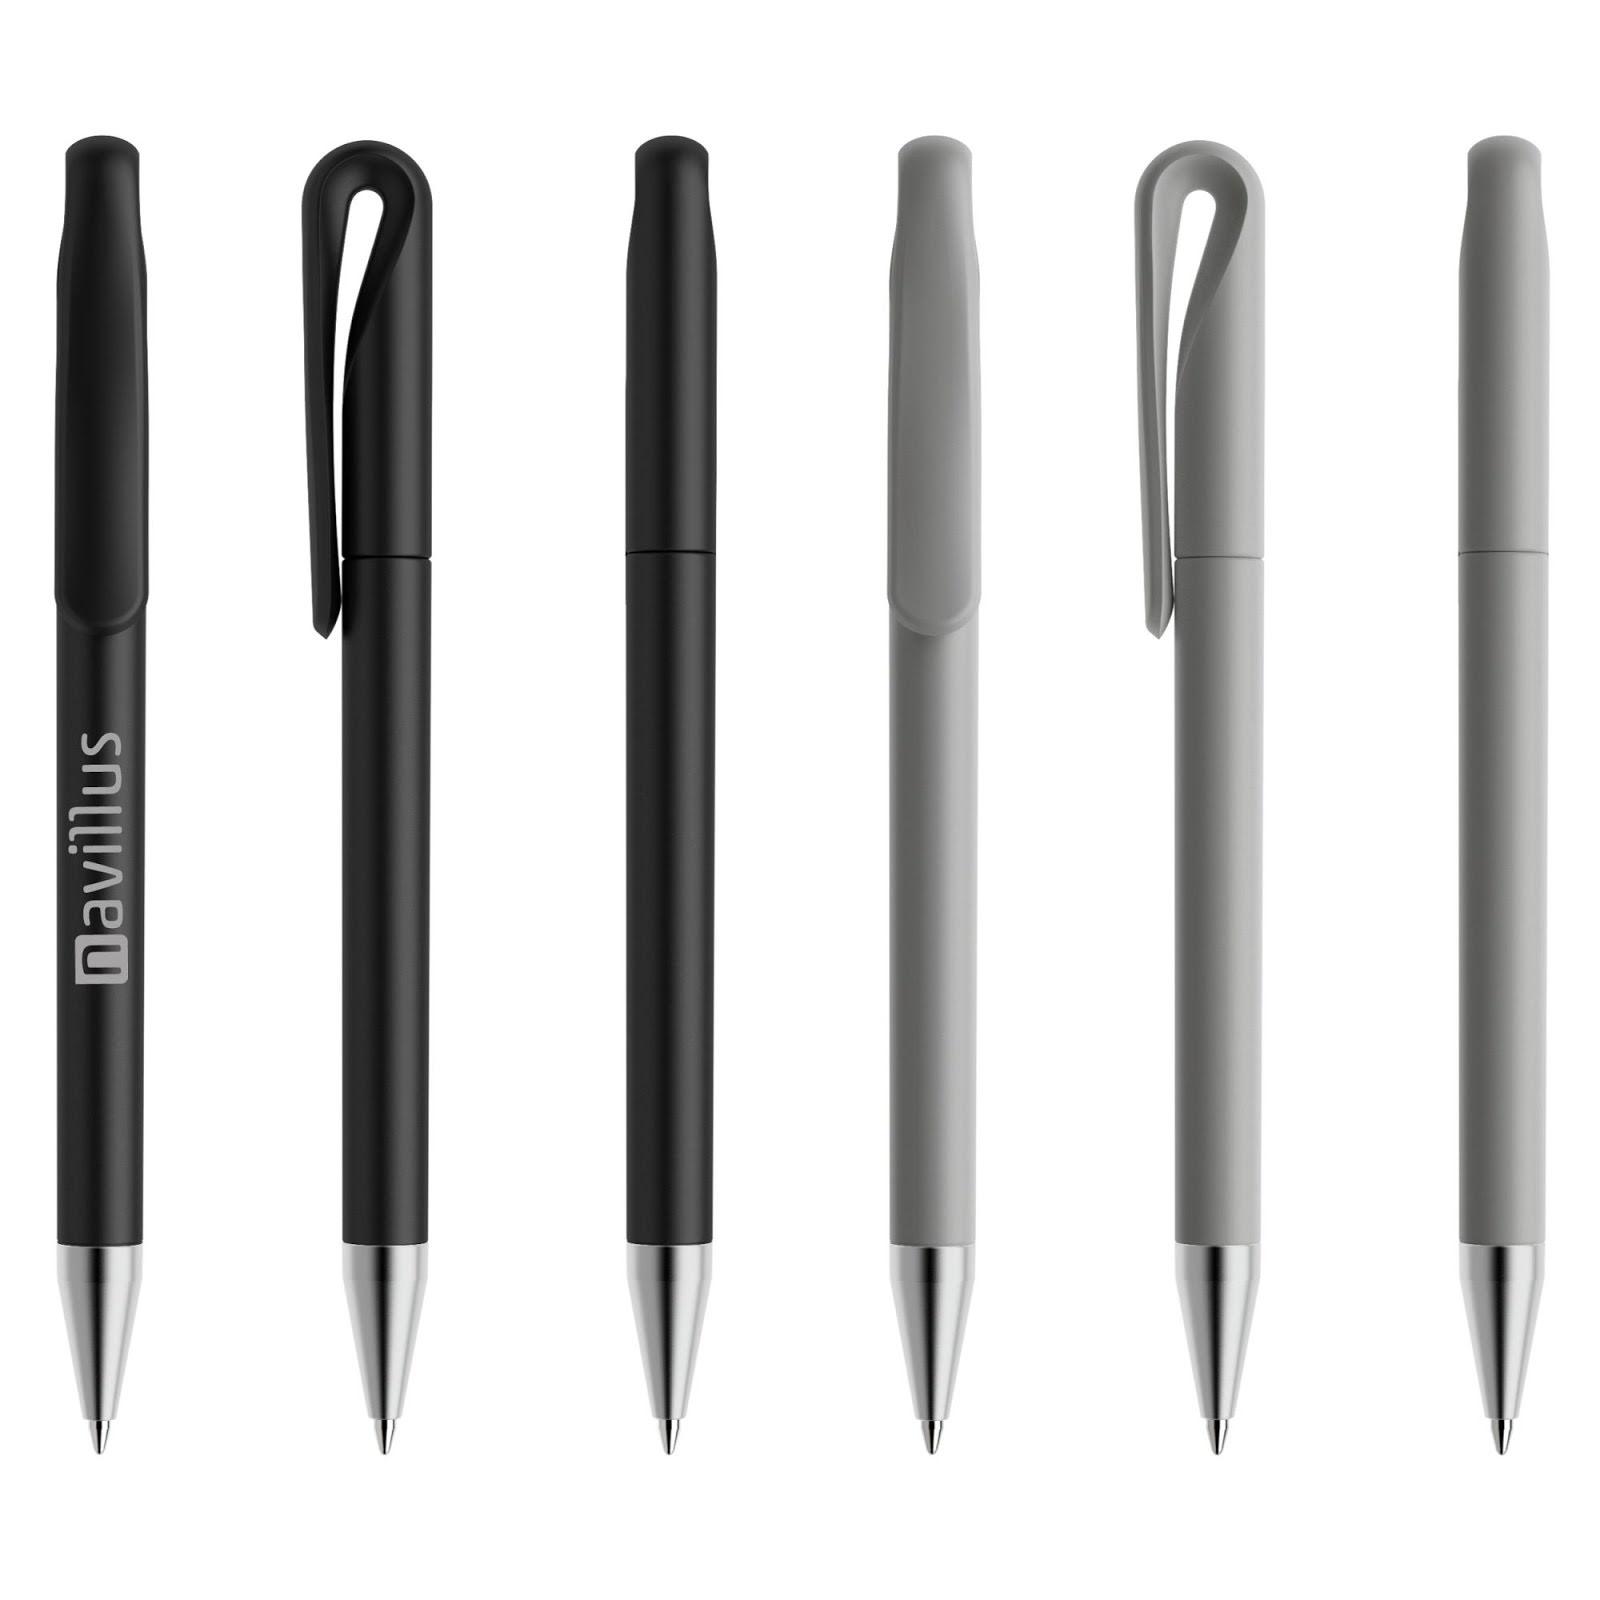 Prodir DS1 Promotional Pen